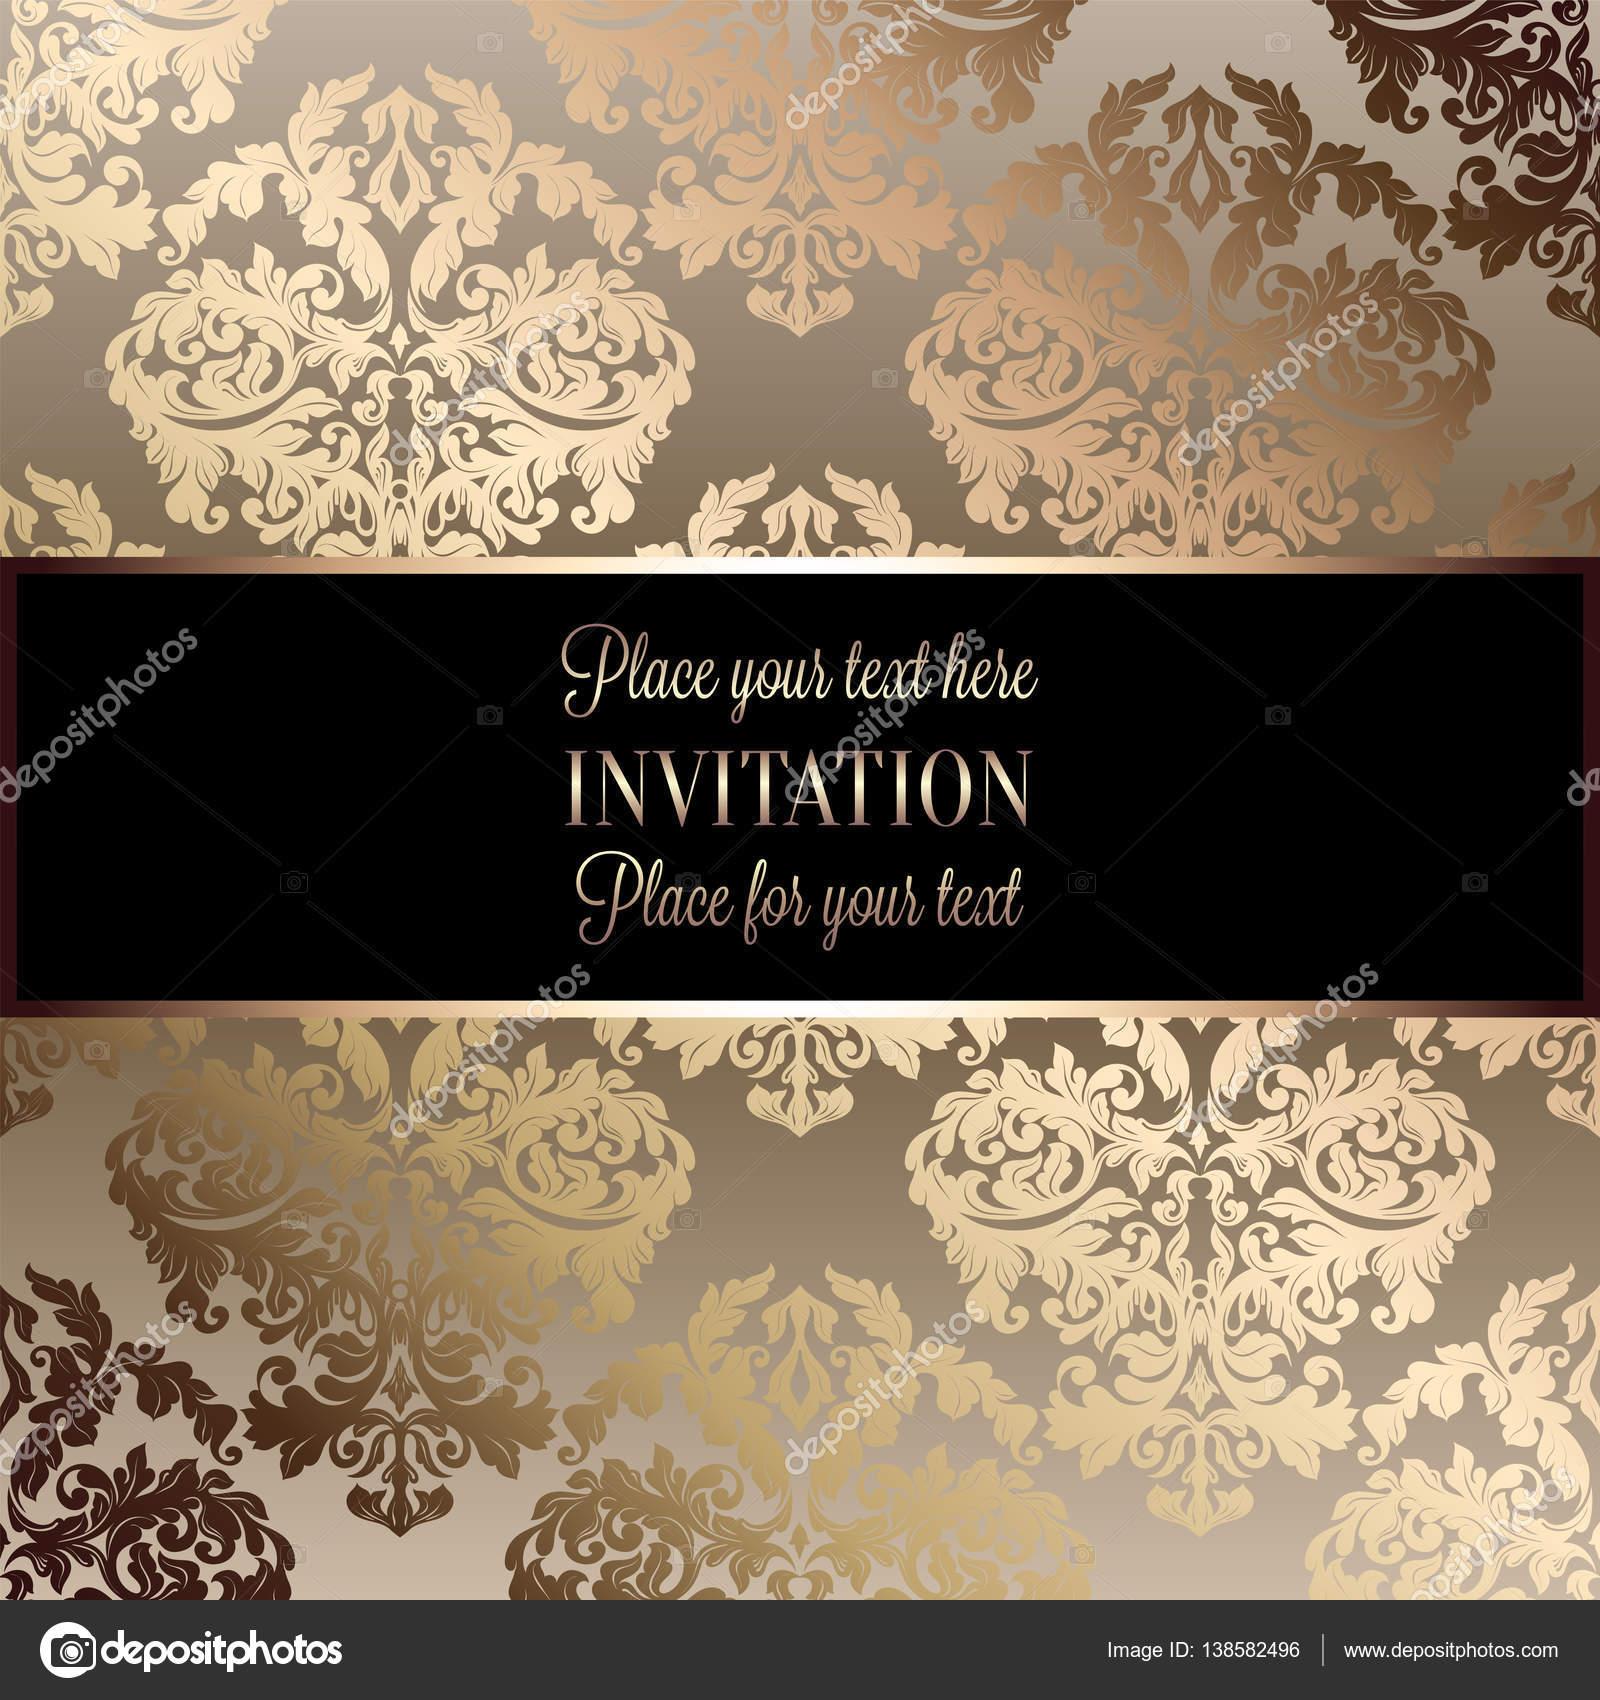 Barocke hintergrund mit antik luxus schwarz und gold vintage rahmen viktorianischen banner Decoration noir or luxe classe